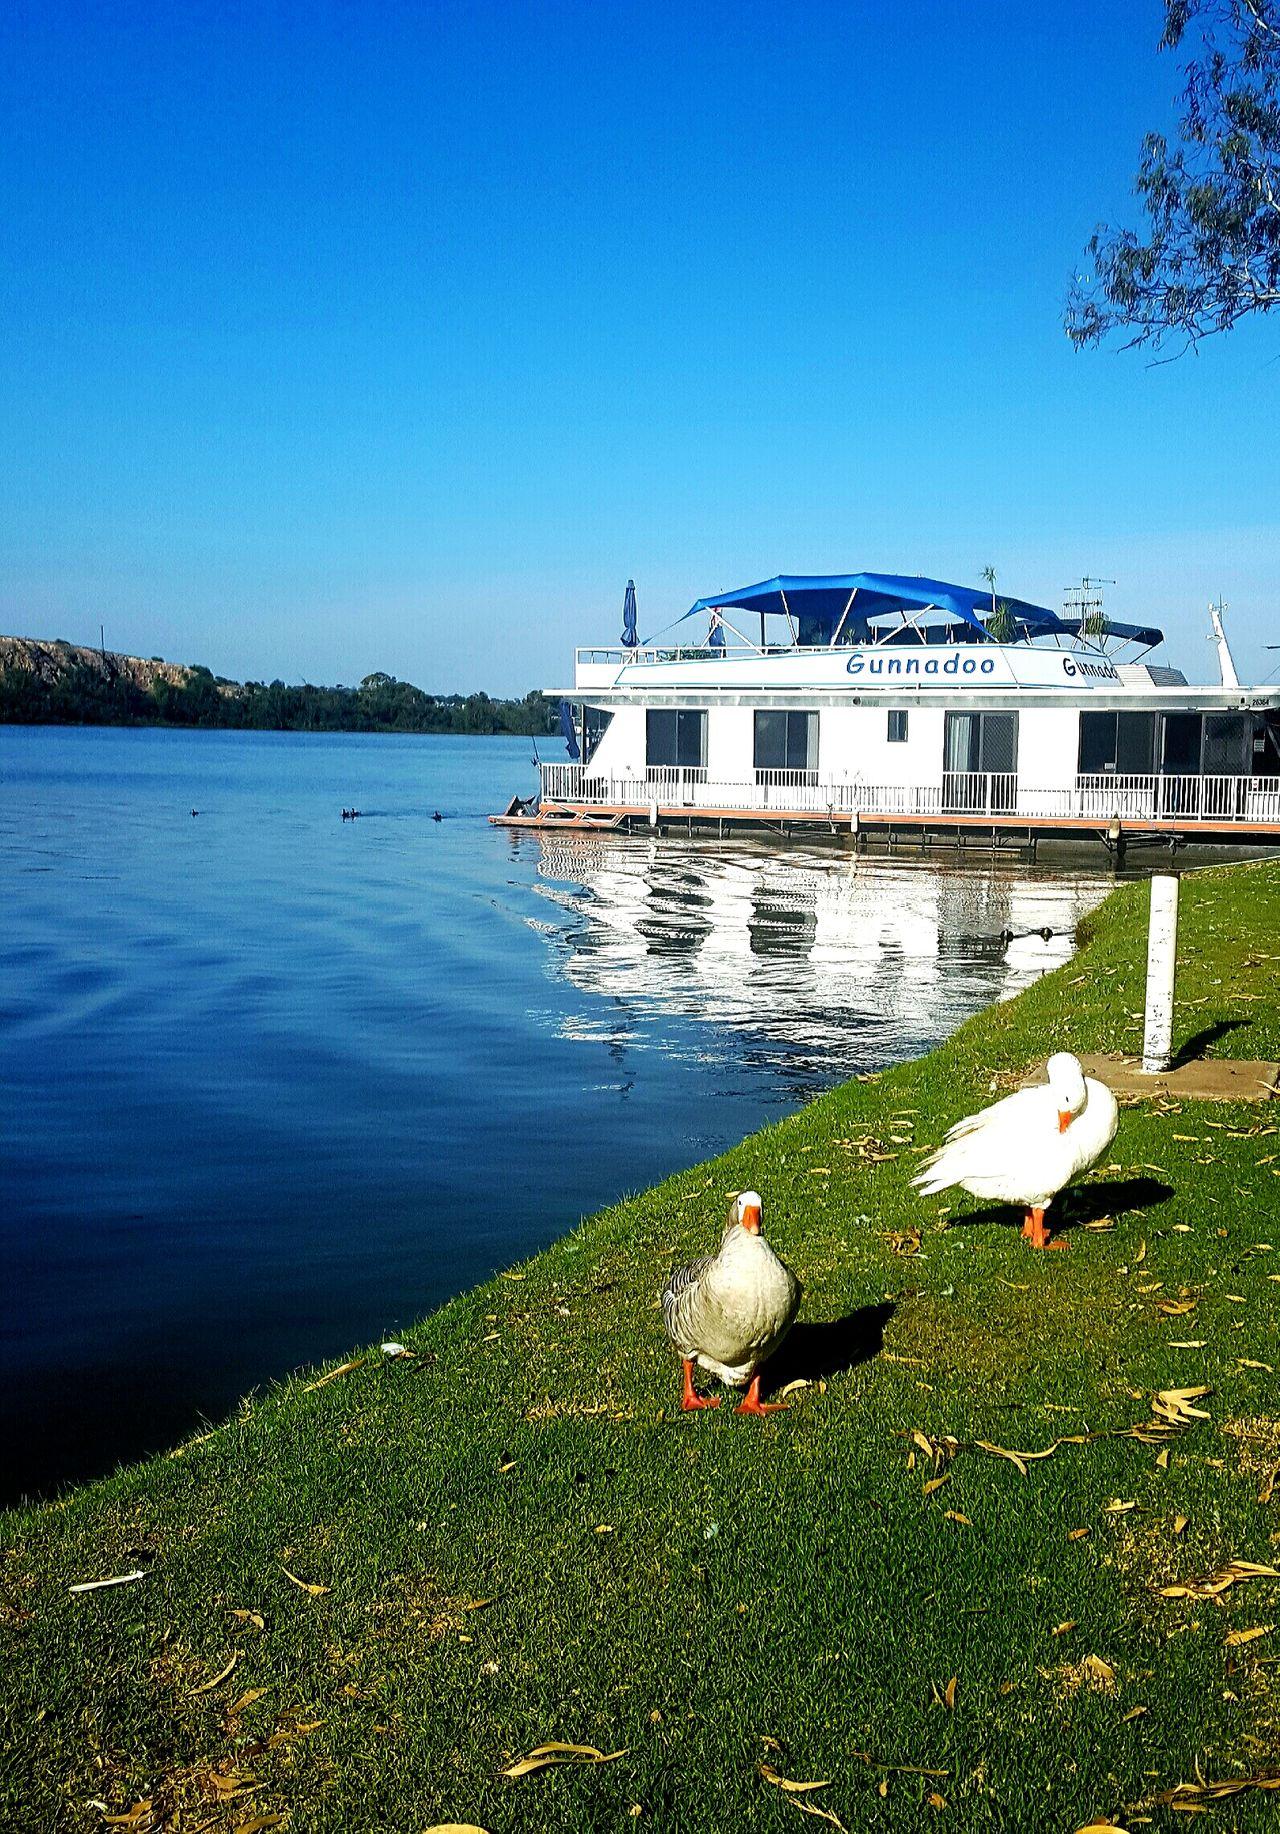 Murray river south australia Murray River House Boat River South Australia